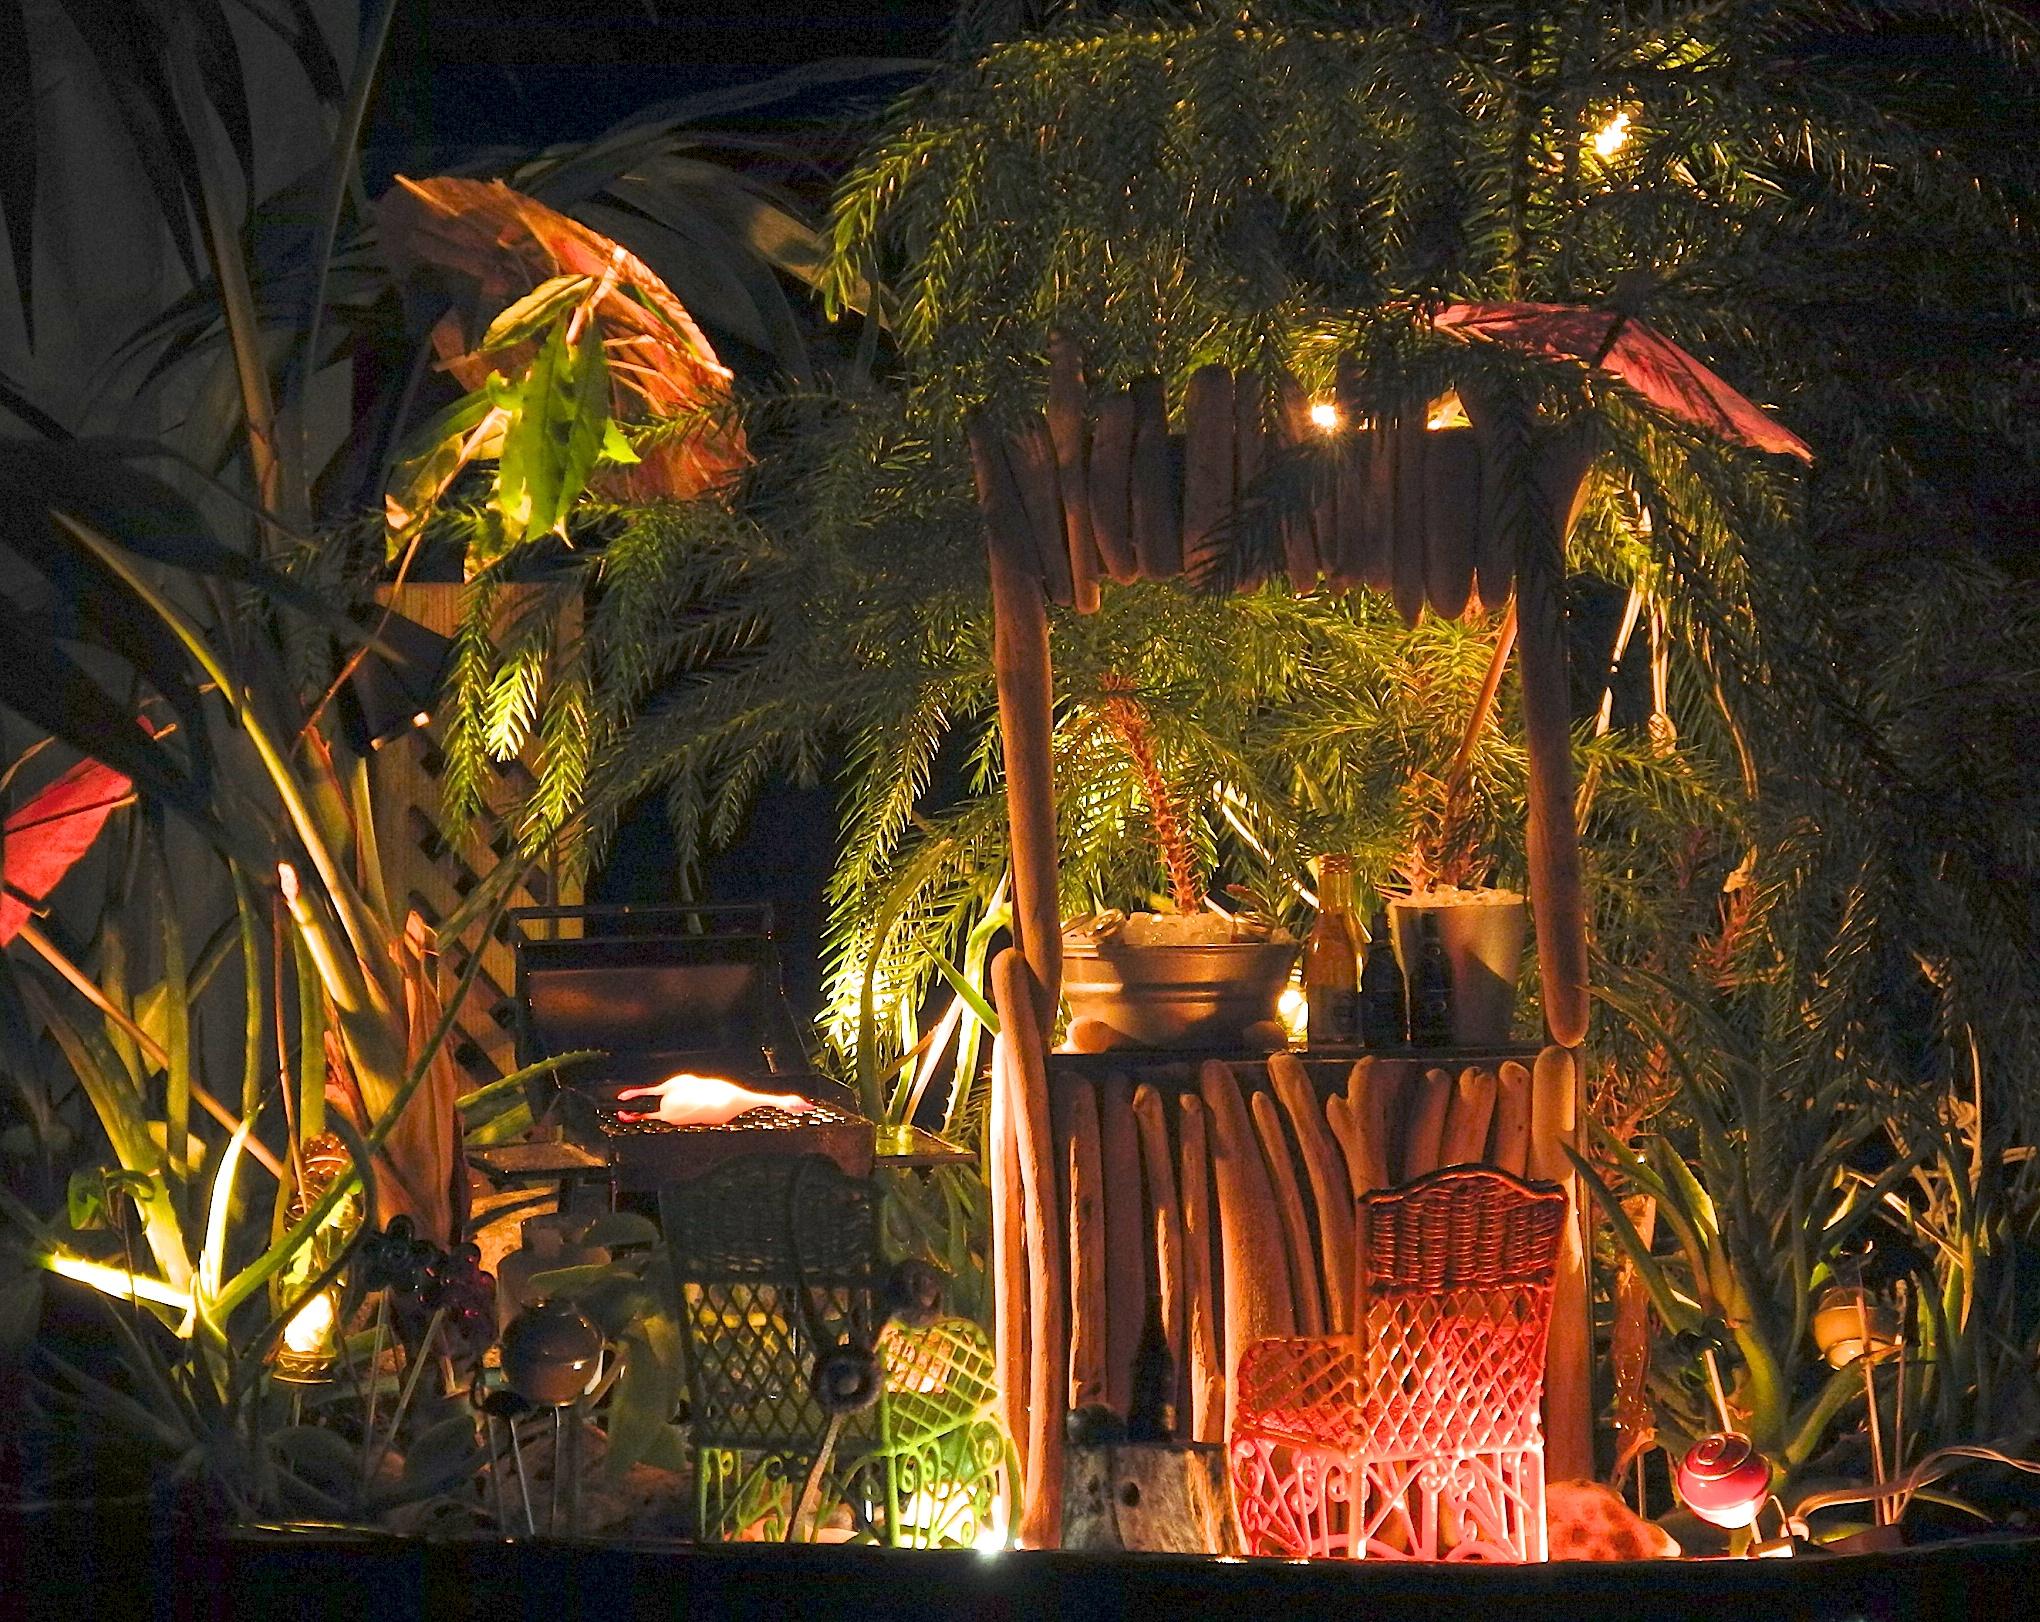 Miniature Tiki party at night.